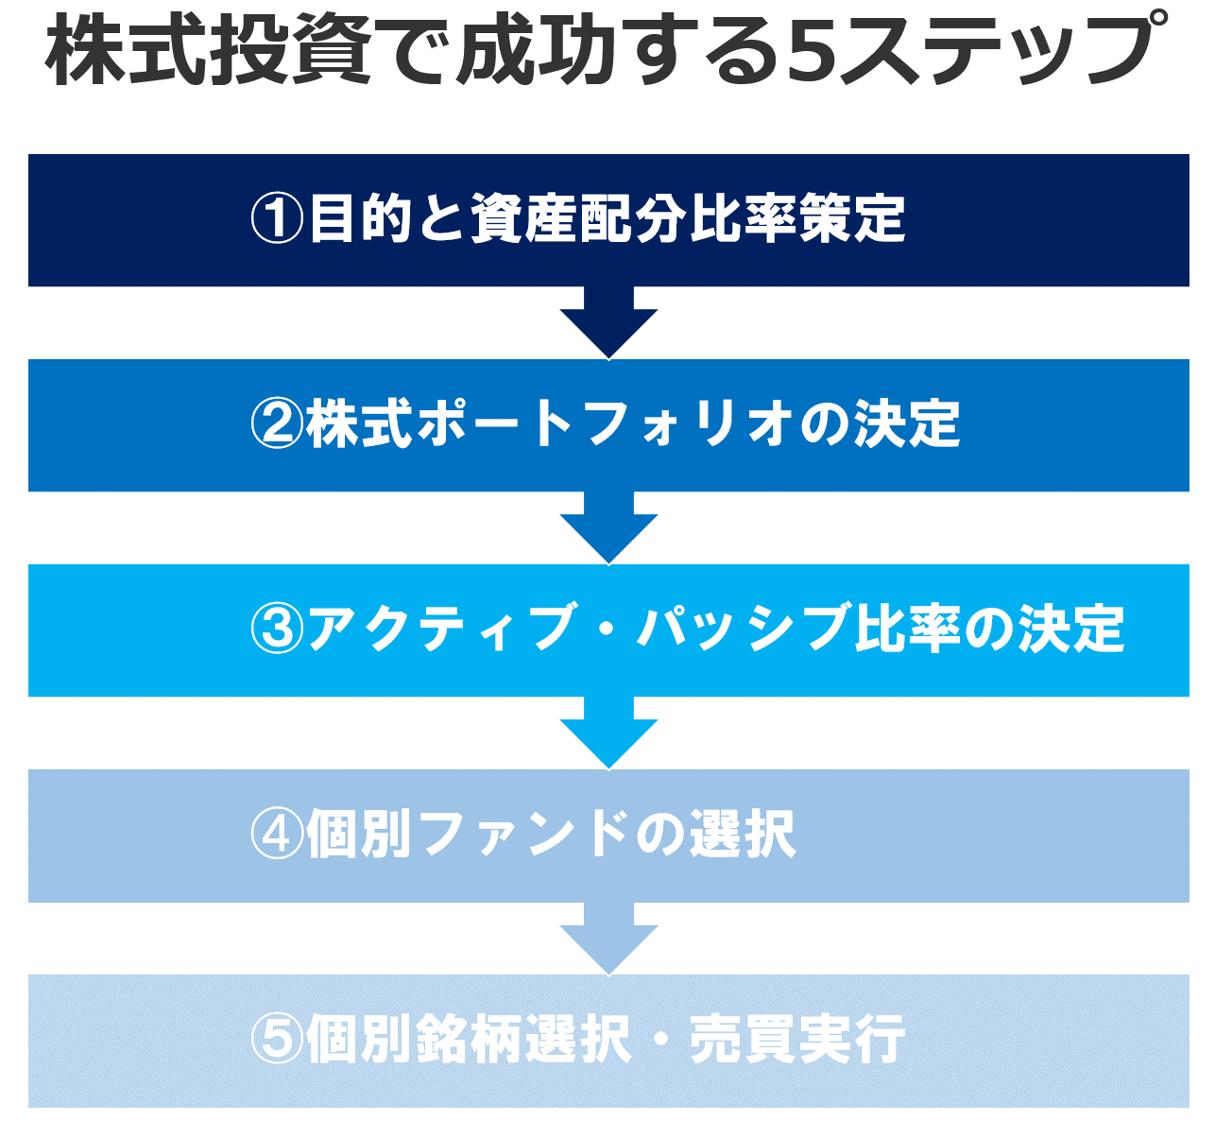 アセットアロケーション;株式投資で成功する資産運用方針策定の5つのステップ